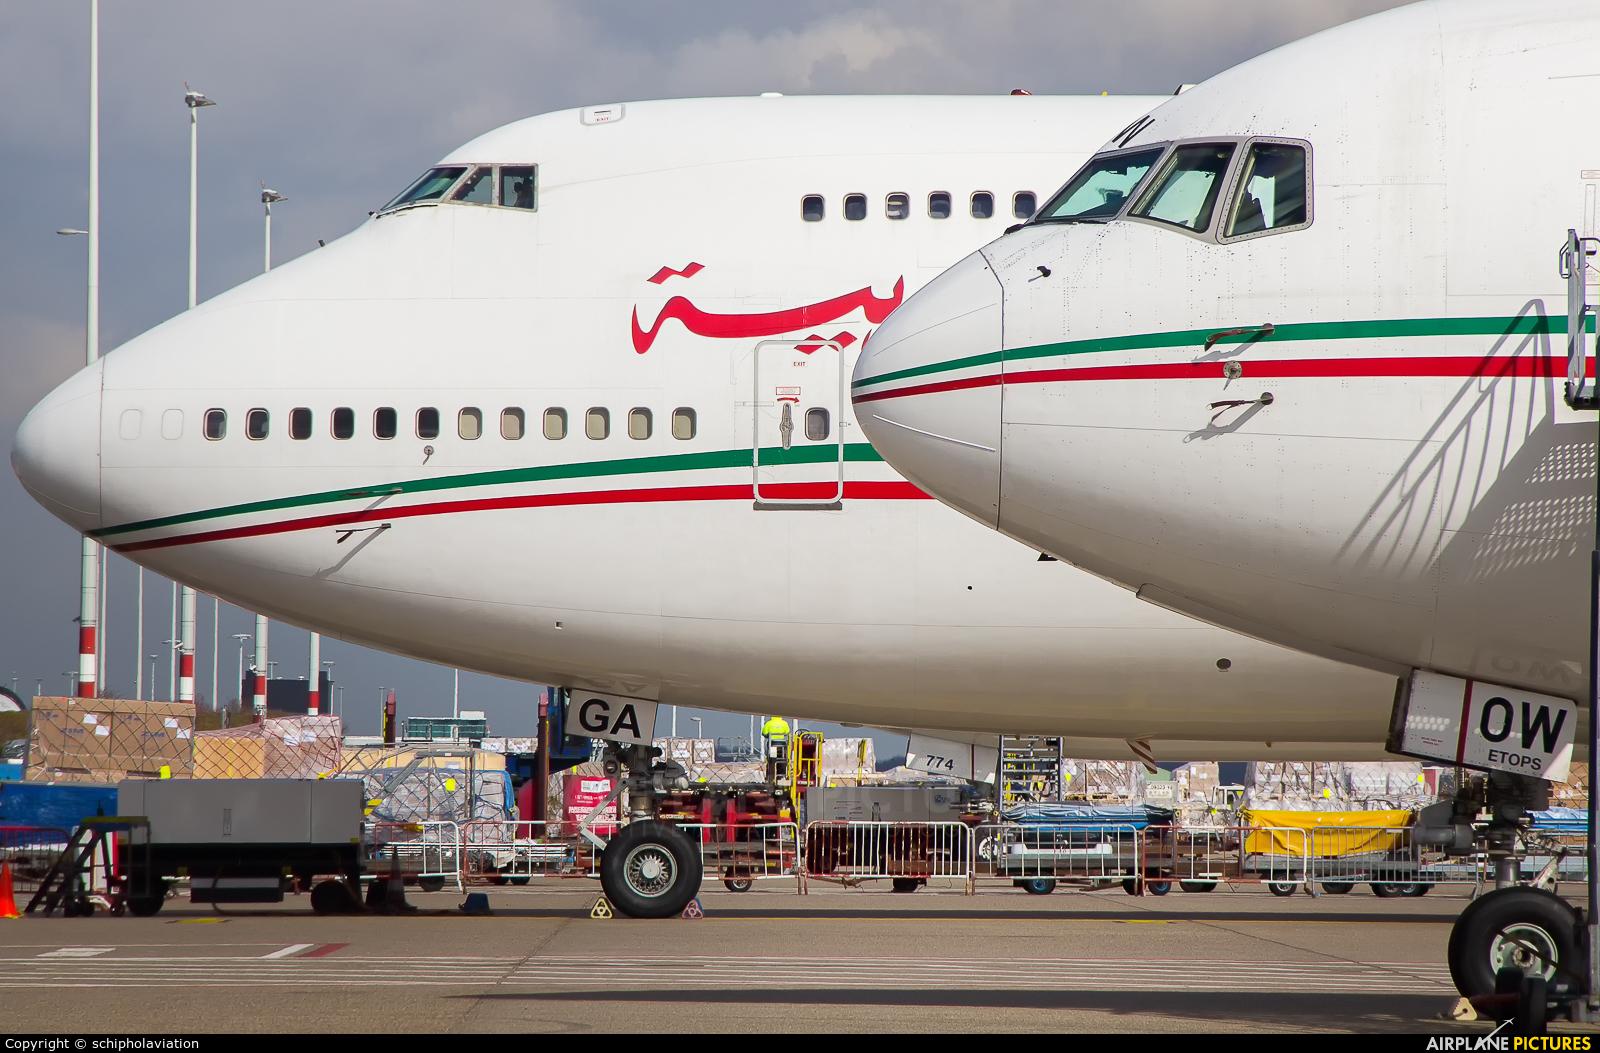 Nouvelle ligne aérienne de La RAM de Marrakech à Ouarzazate en Novembre prochain